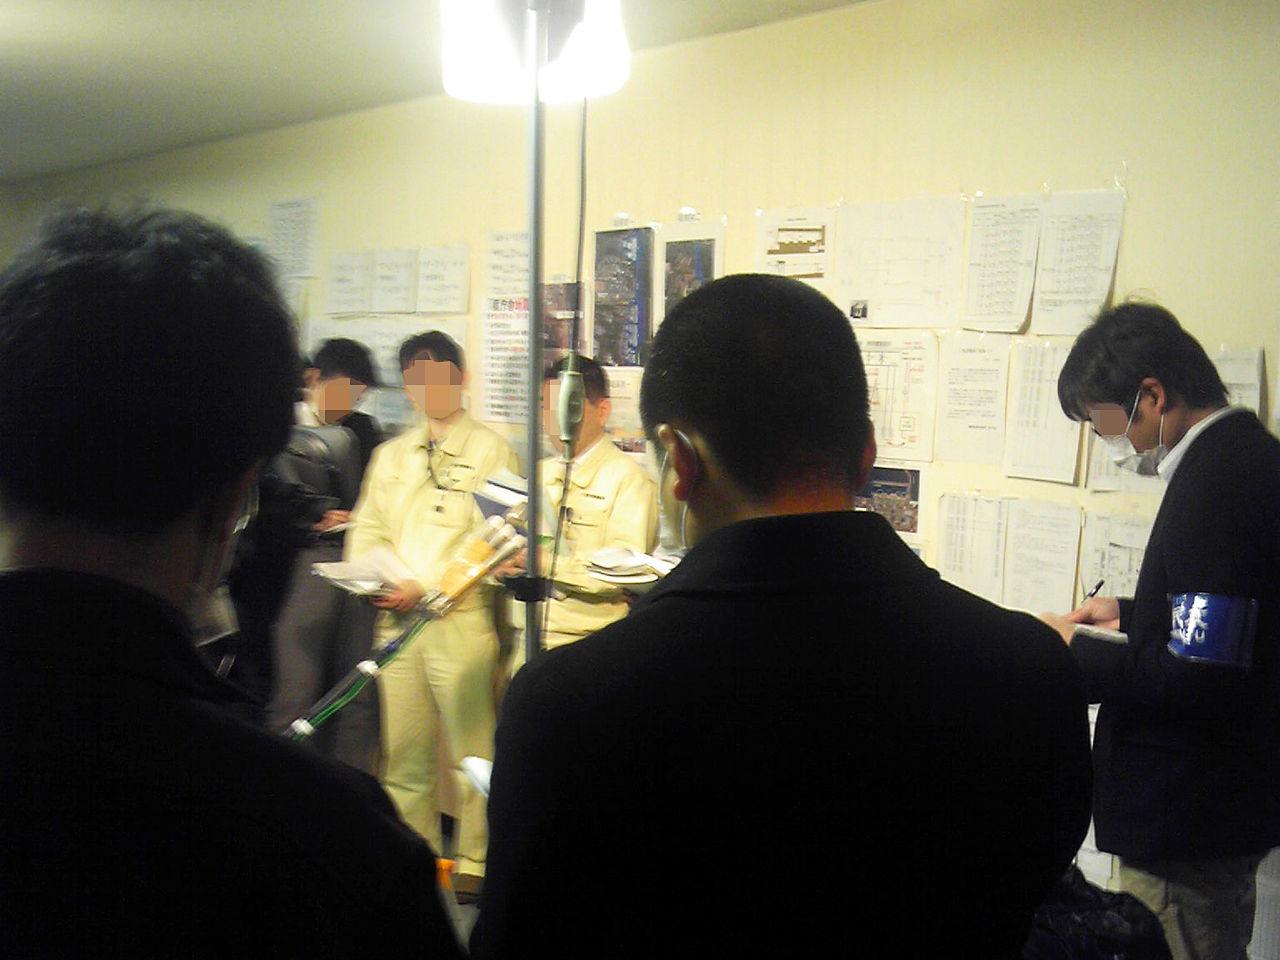 福島県庁廊下での記者会見【修正】